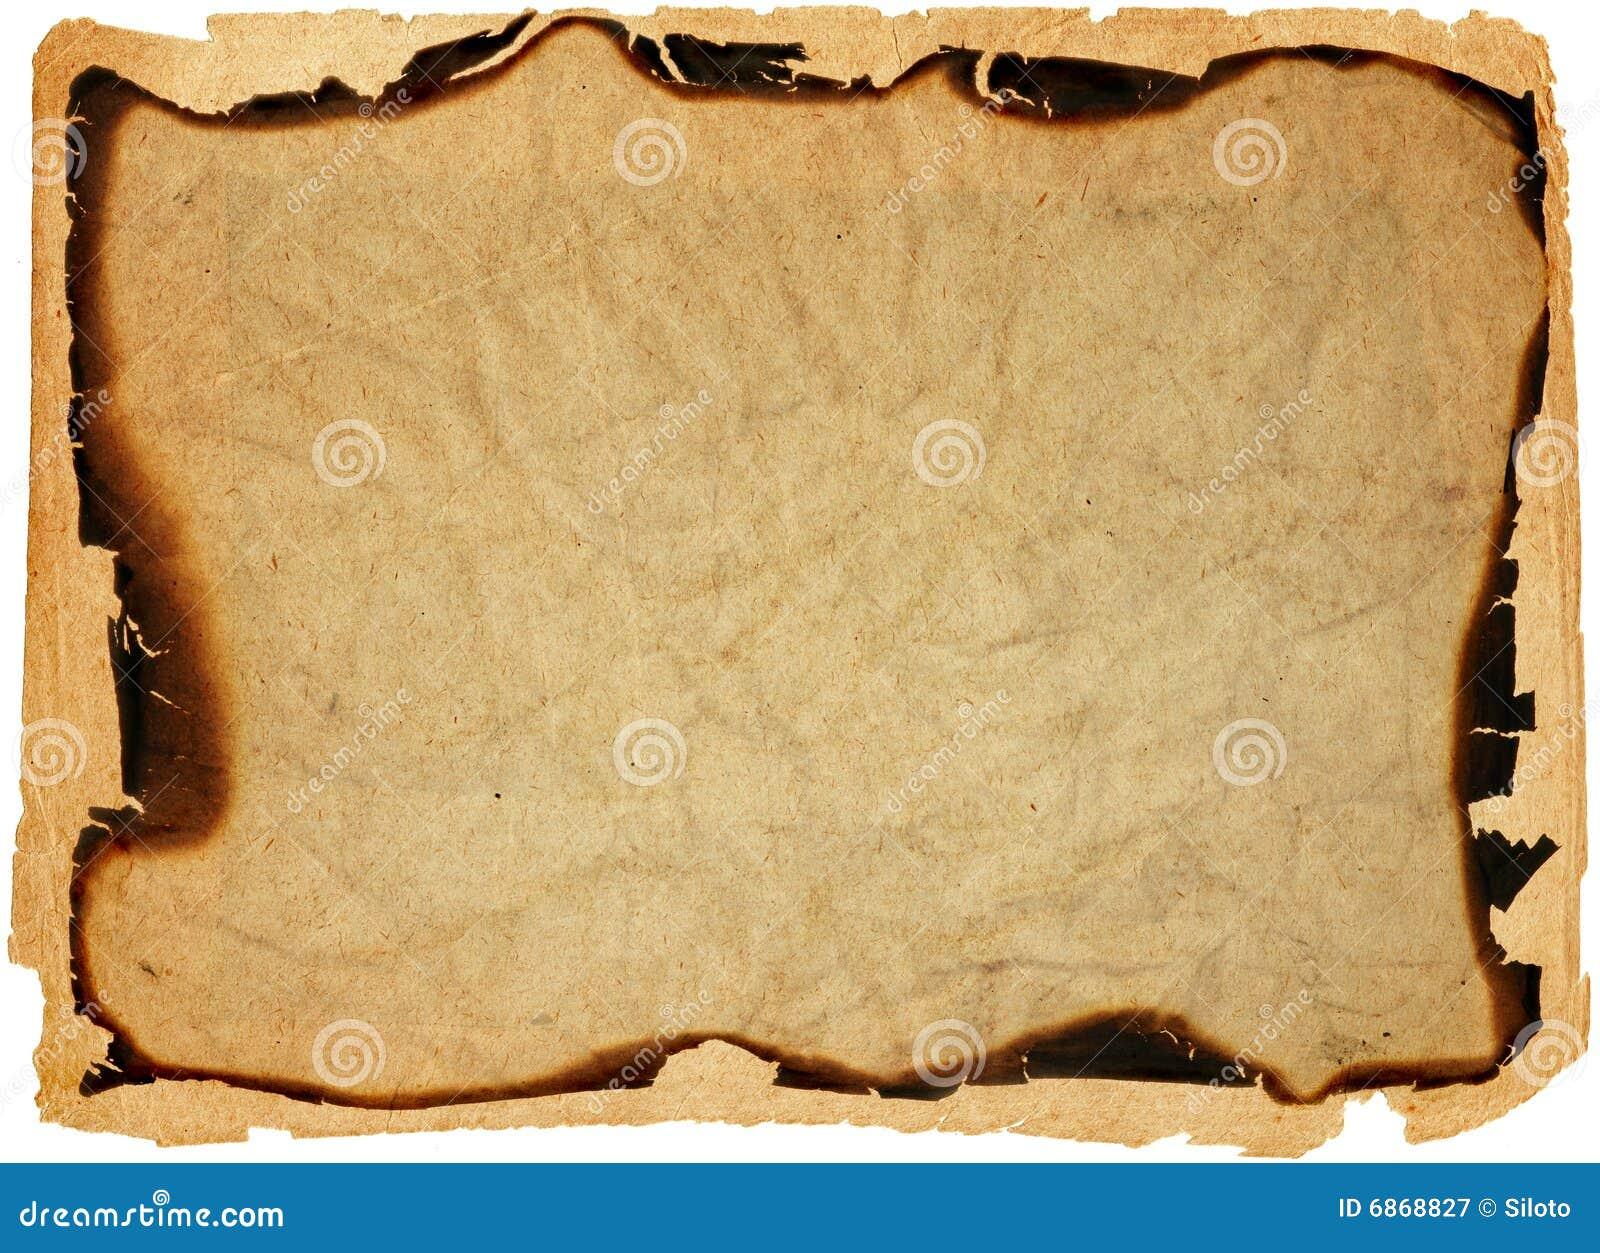 сгорели antique, котор окаймляет бумагу